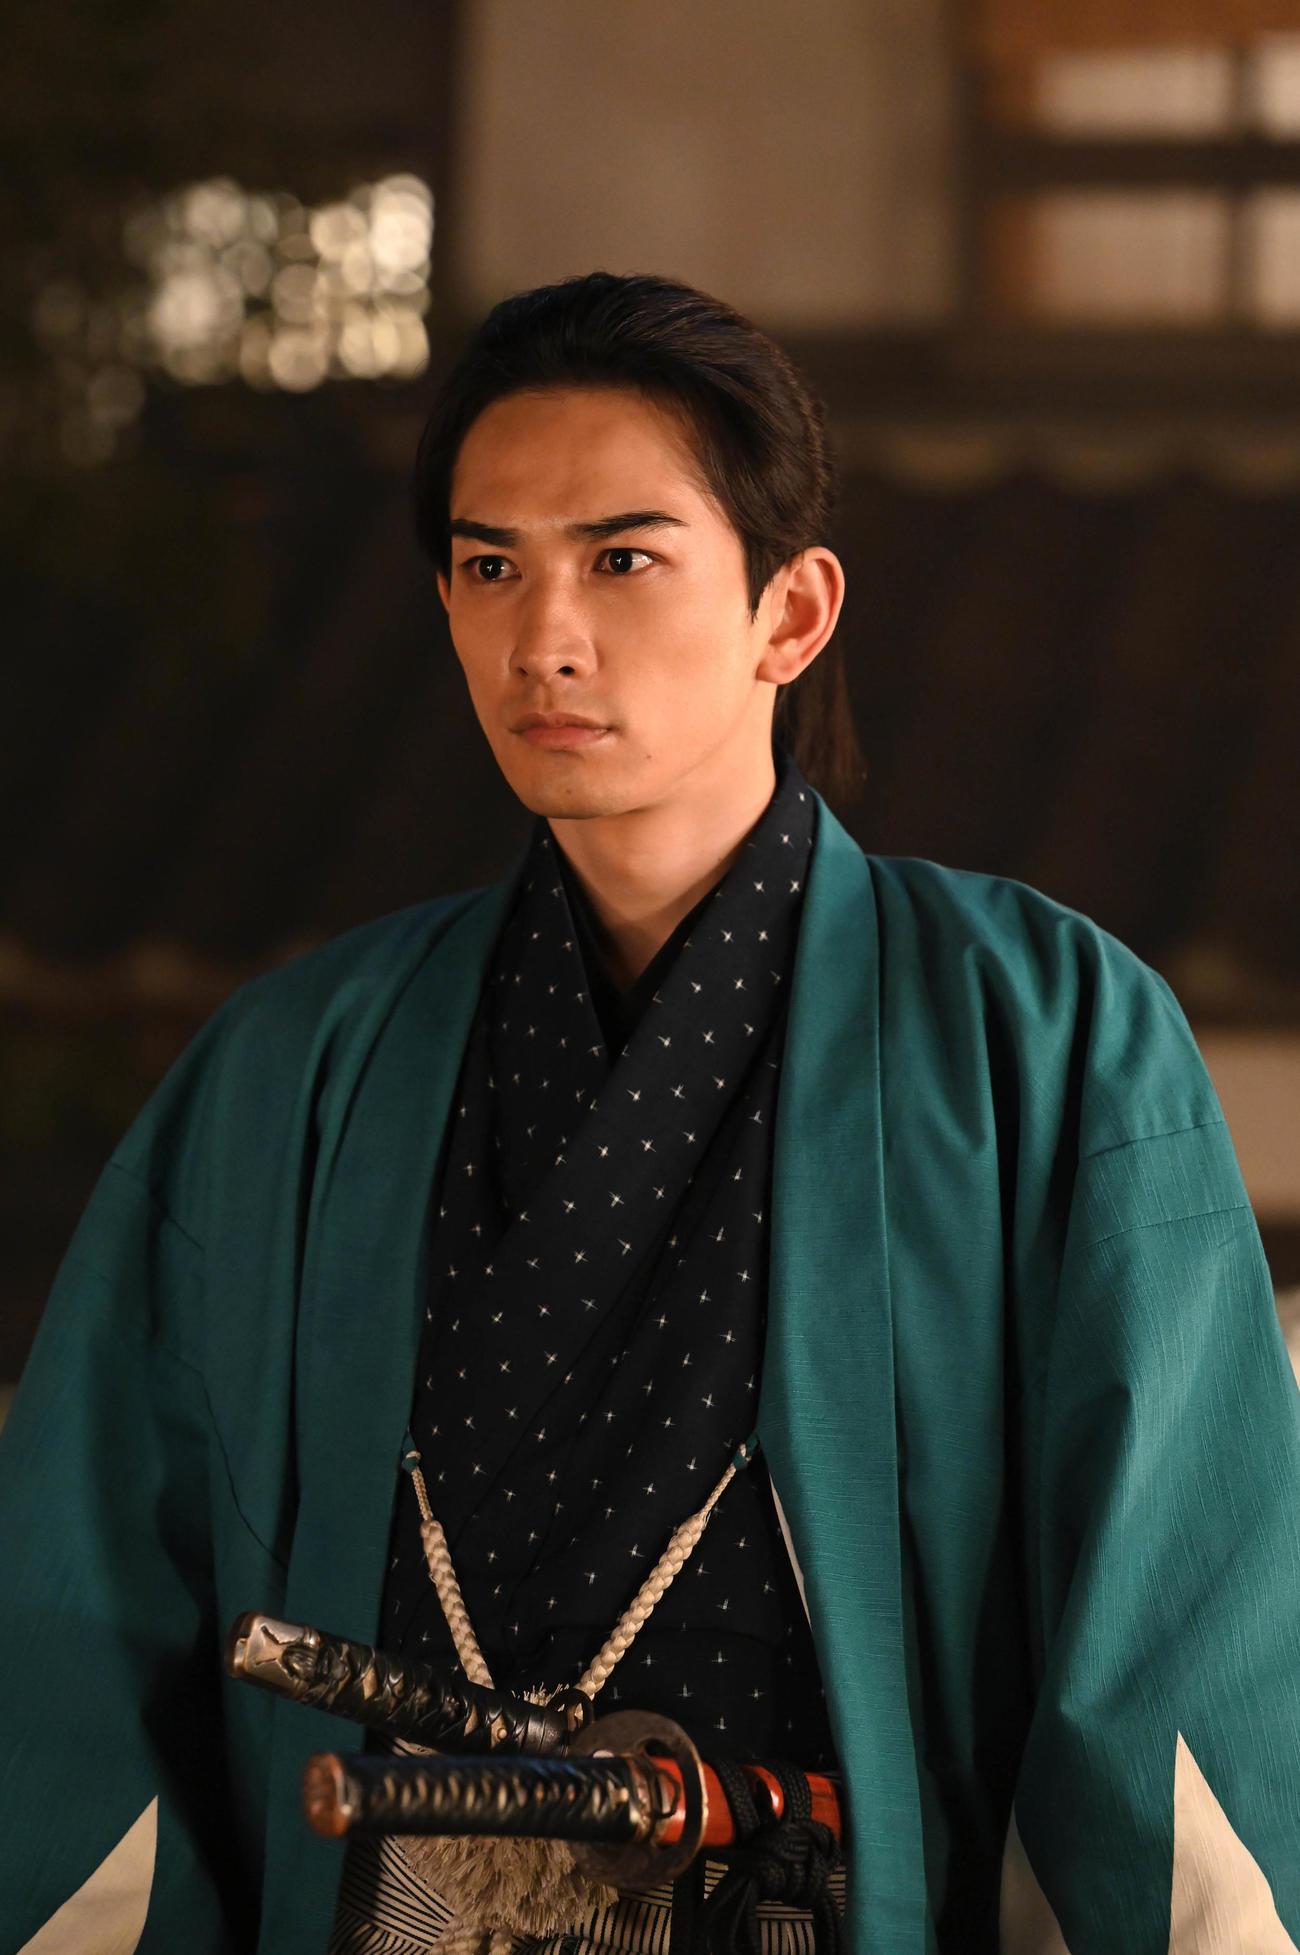 大河ドラマ「青天を衝け」で土方歳三役を演じる町田啓太(C)NHK